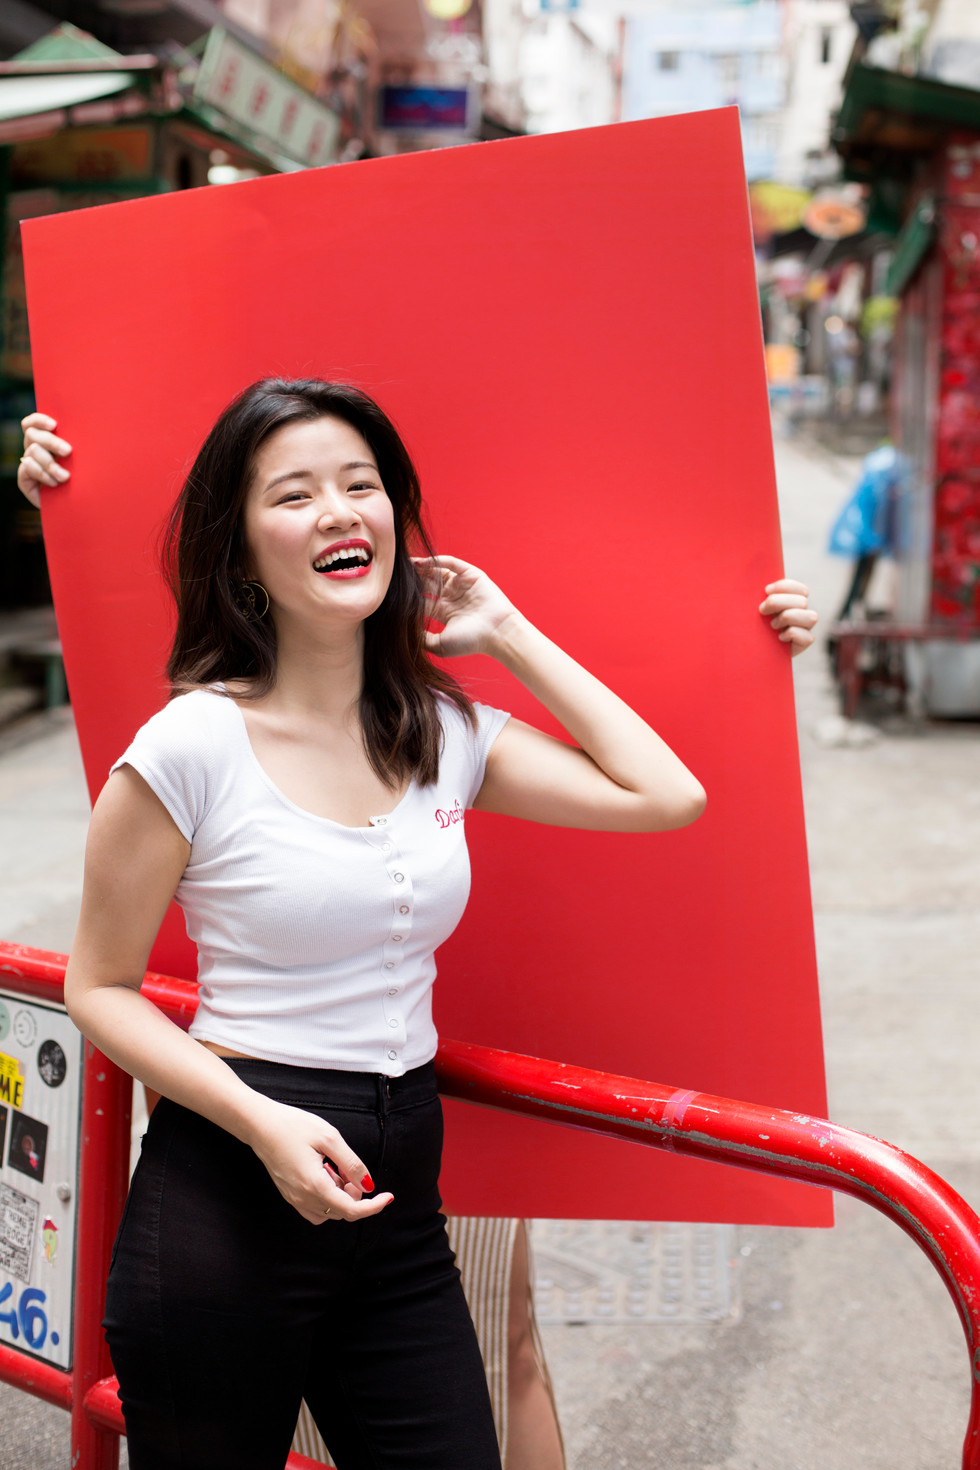 MAS Events Manager Amelia.jpg